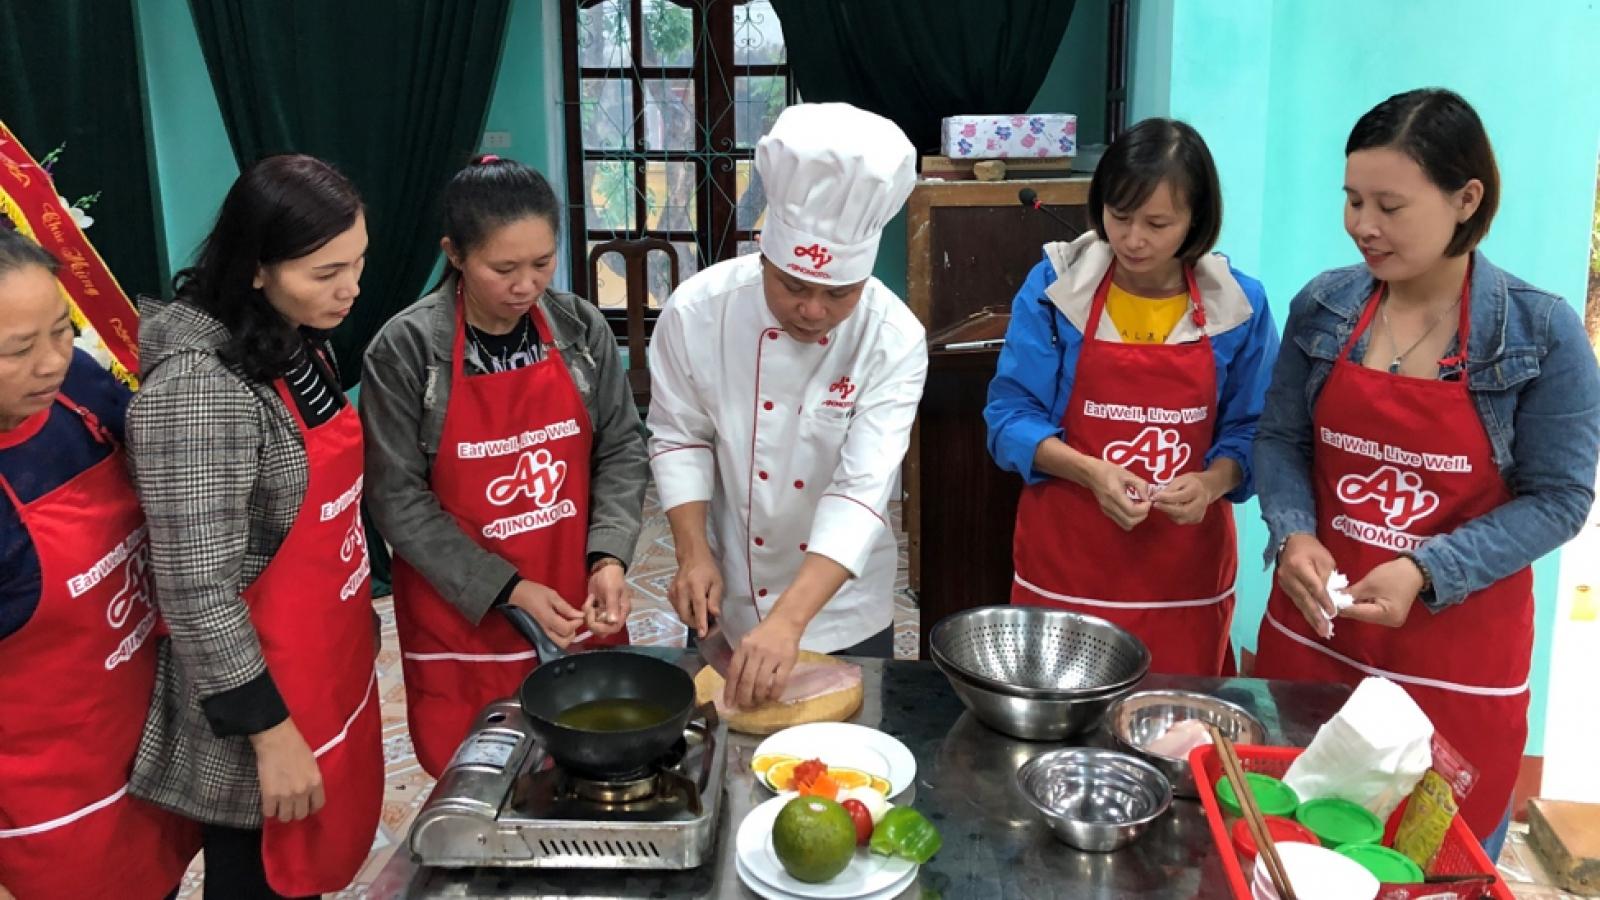 """Bữa cơm gia đình chuẩn vị với """"lớp học nấu ăn cùng Ajinomoto"""""""